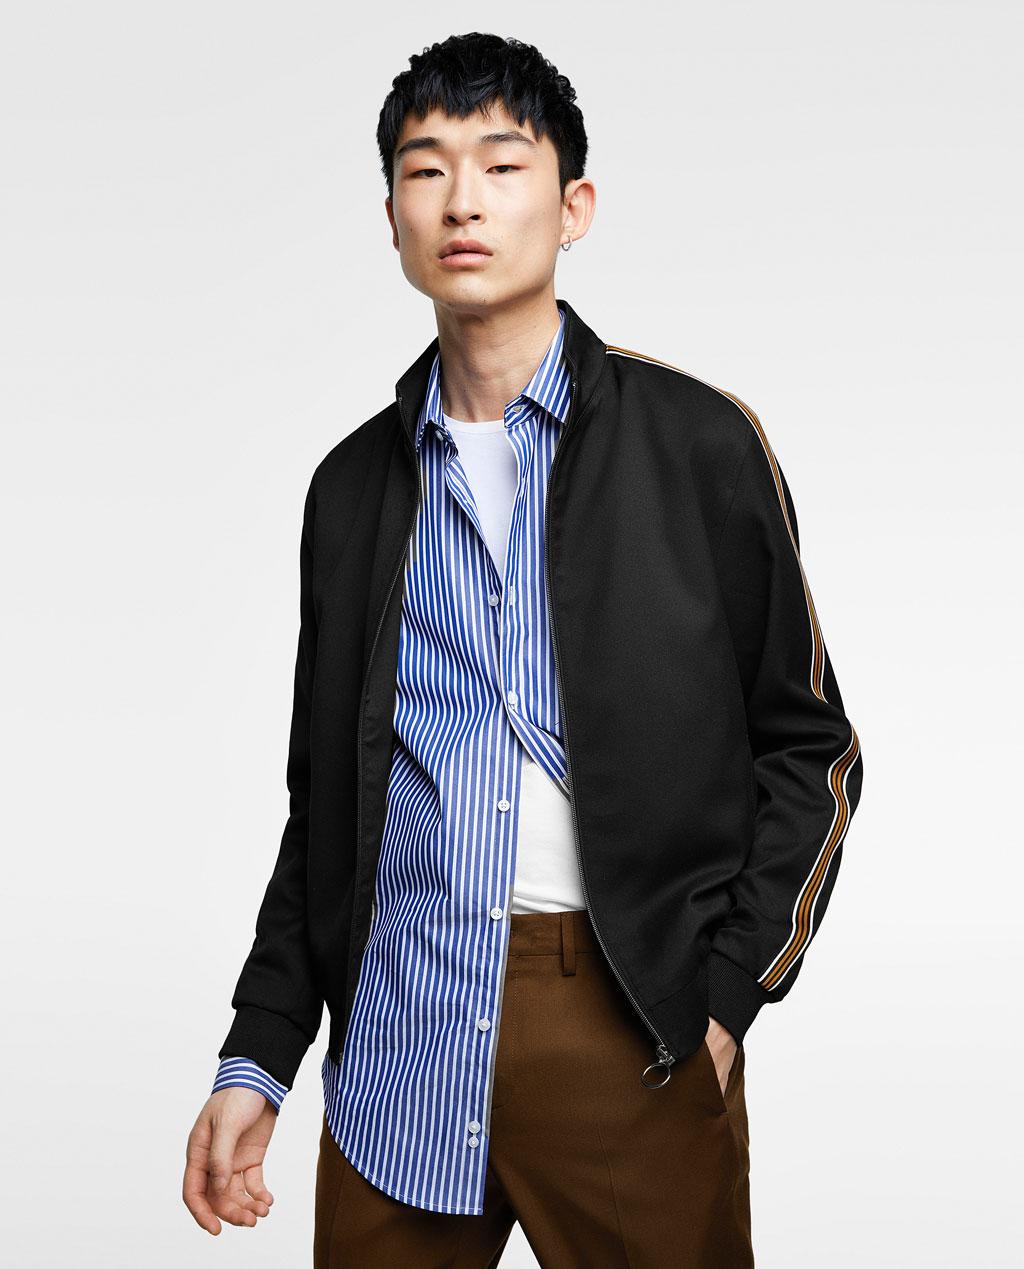 Thời trang nam Zara  23951 - ảnh 4